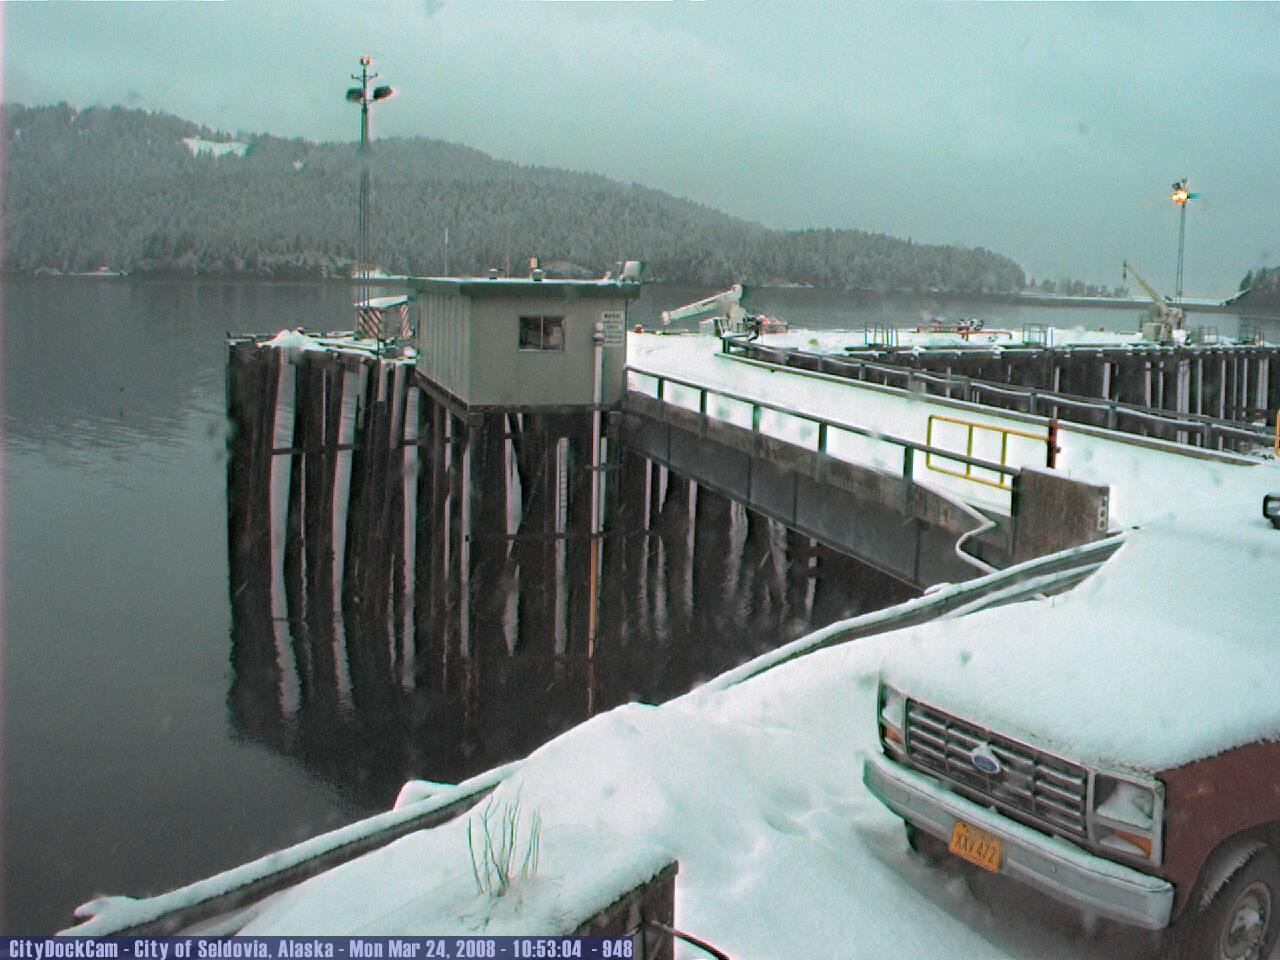 Seldovia City Dock Cam photo 2